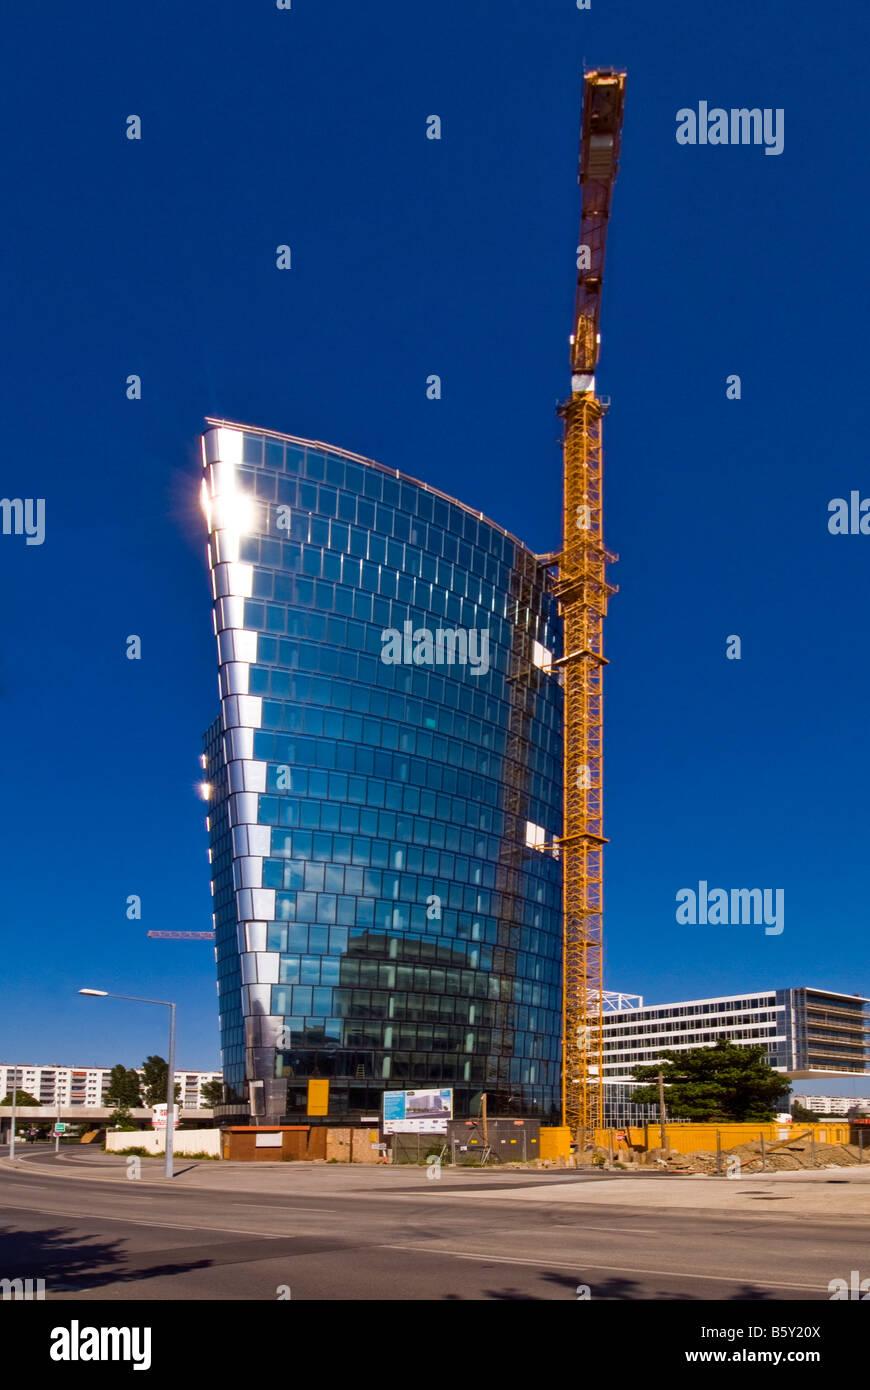 Hoch Zwei under construction, Vienna, Austria - Stock Image